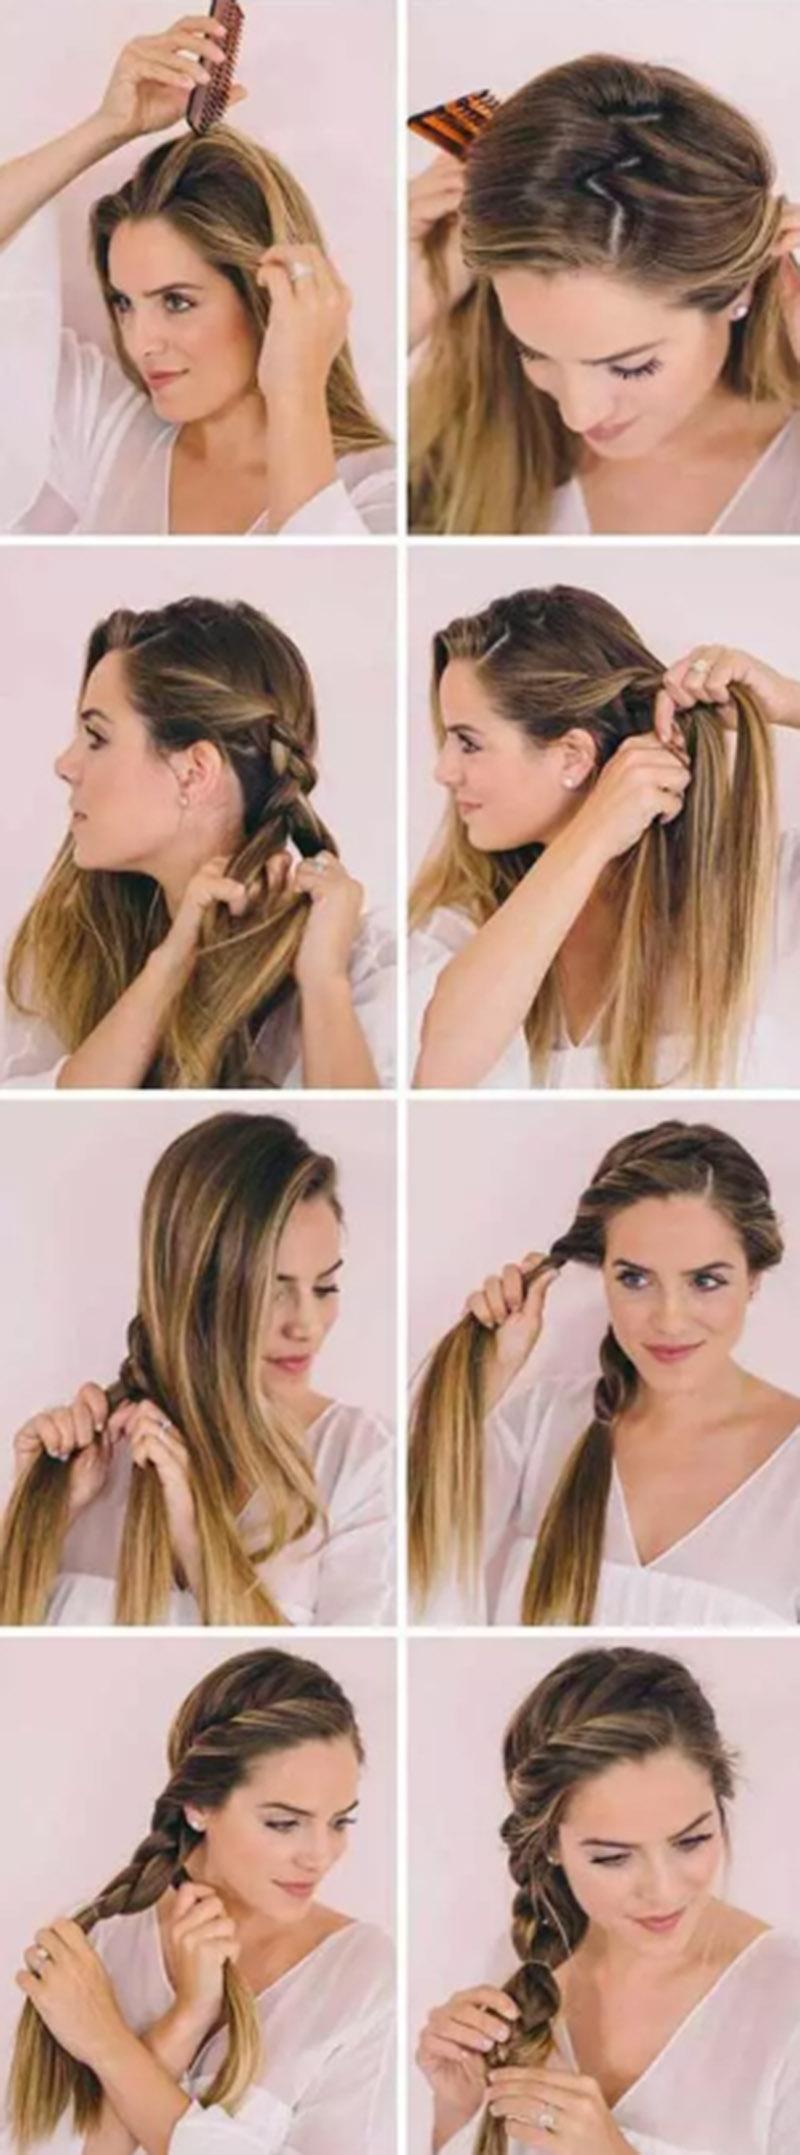 Tết tóc kéo sang hai bên